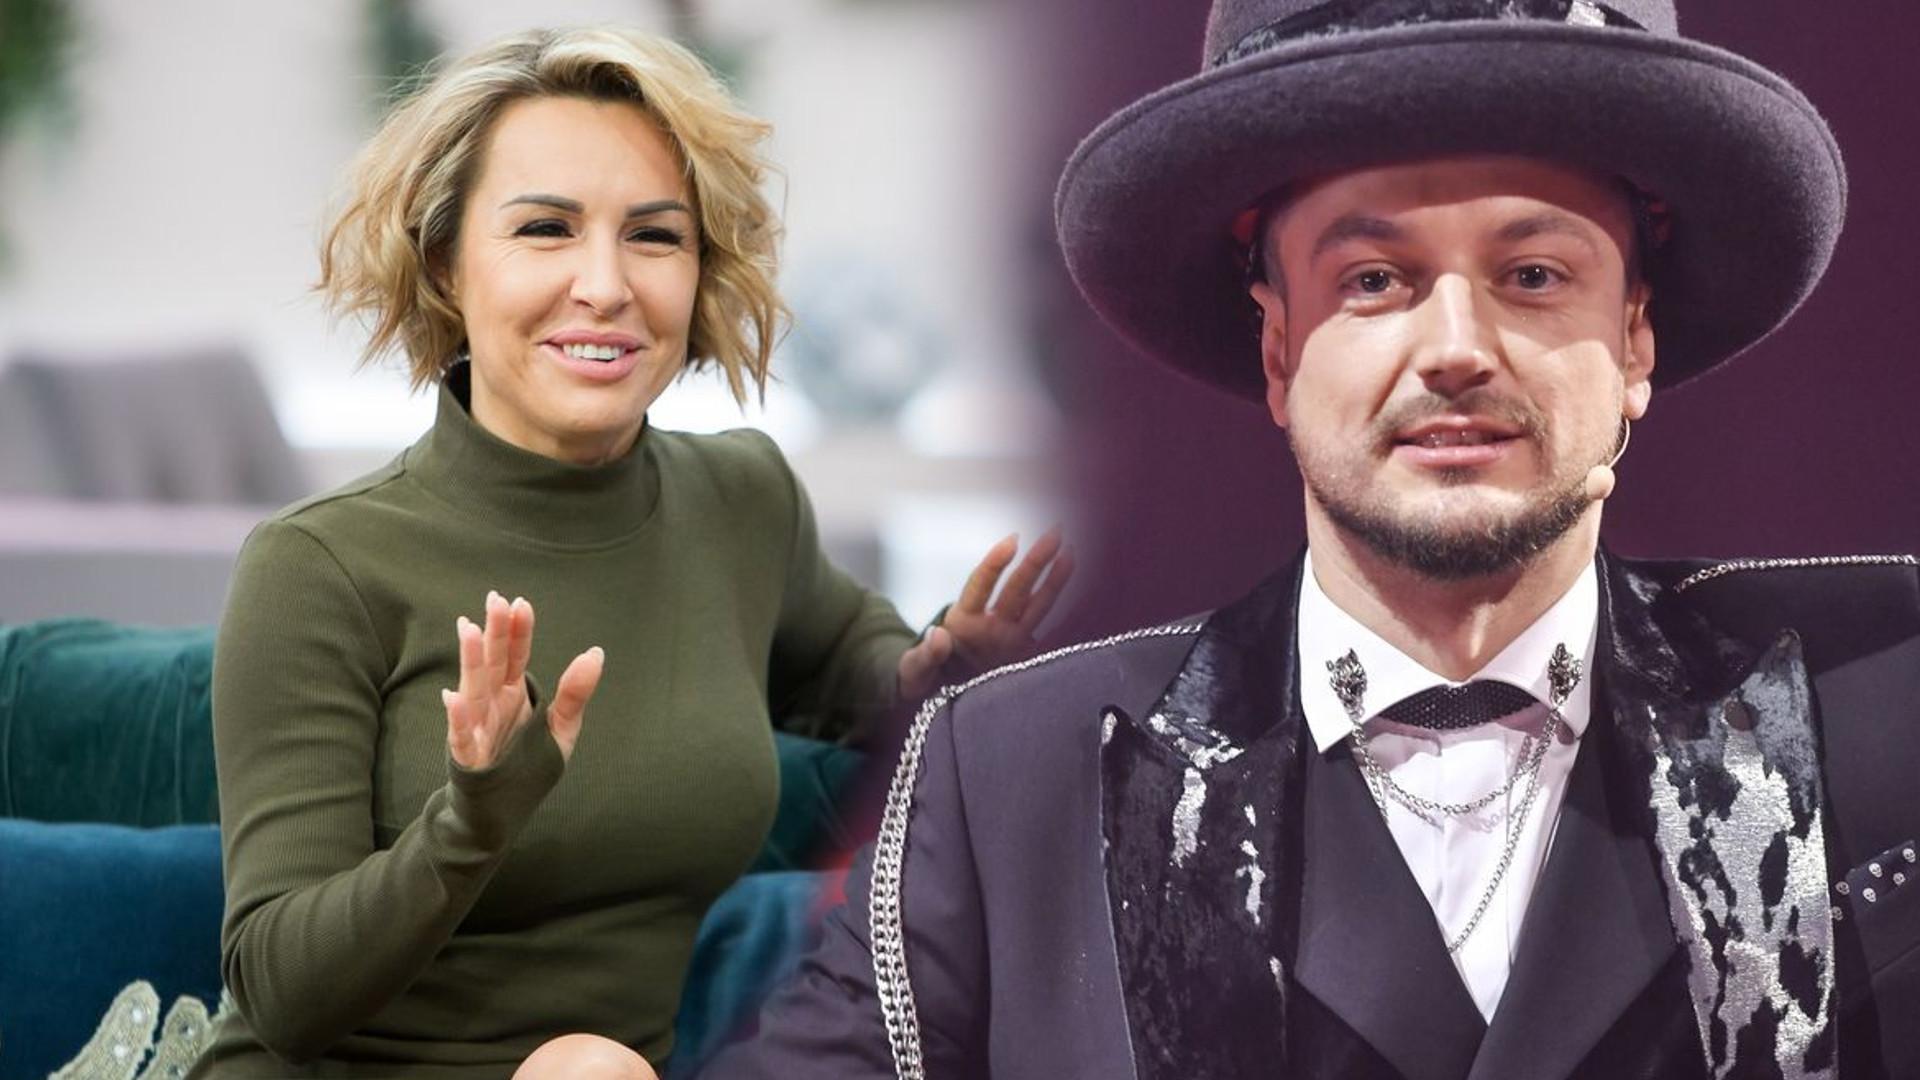 Blanka Lipińska chce mieć DZIECKO z Baronem: Rozmawialiśmy o tym ostatnio